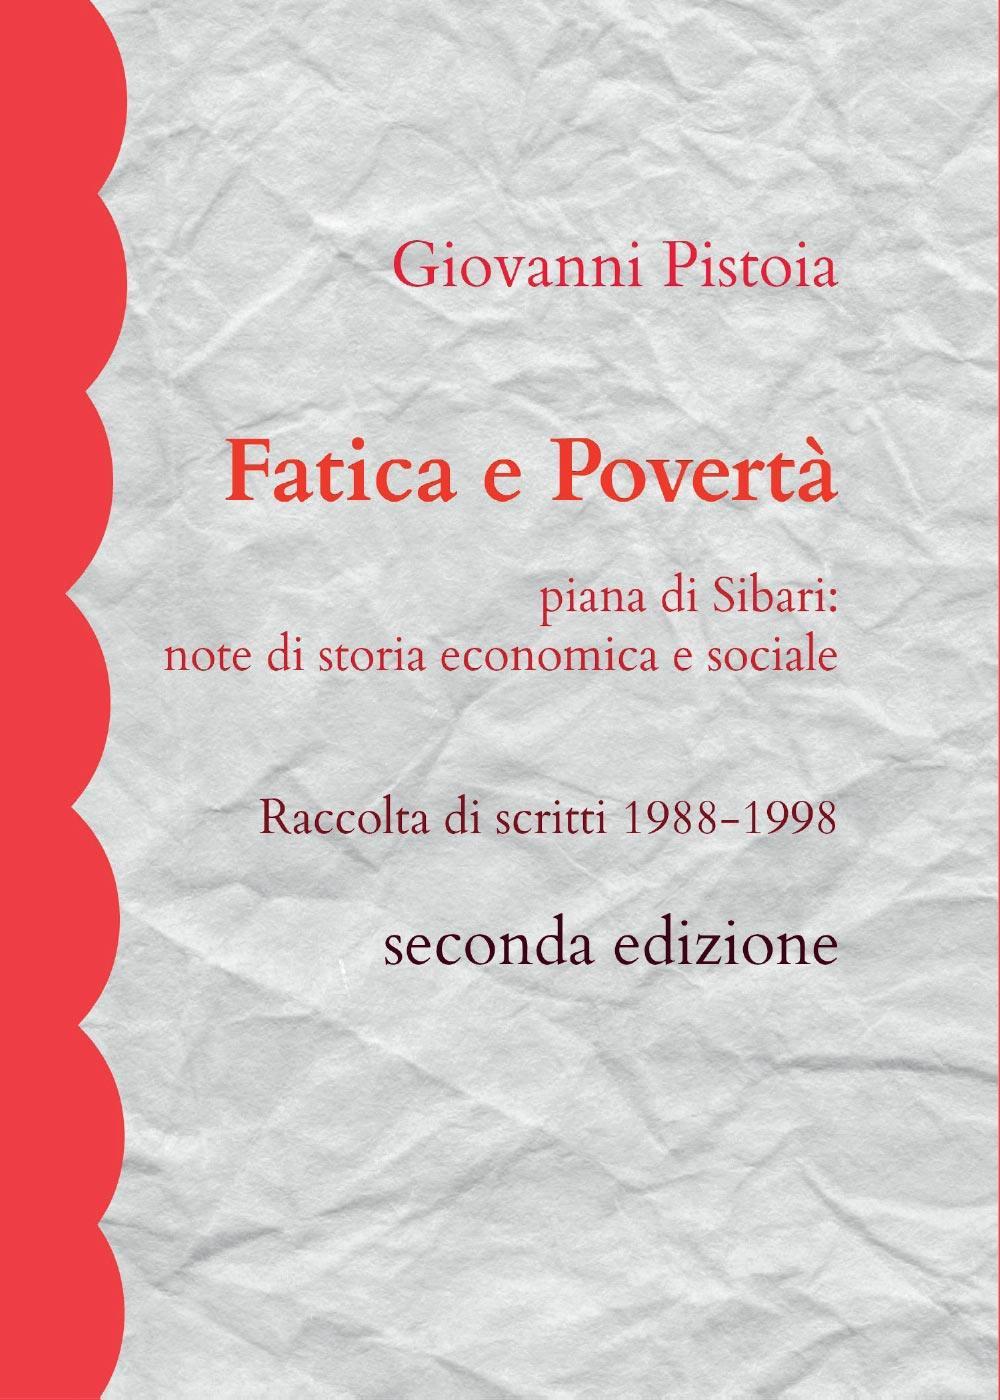 Fatica e Povertà